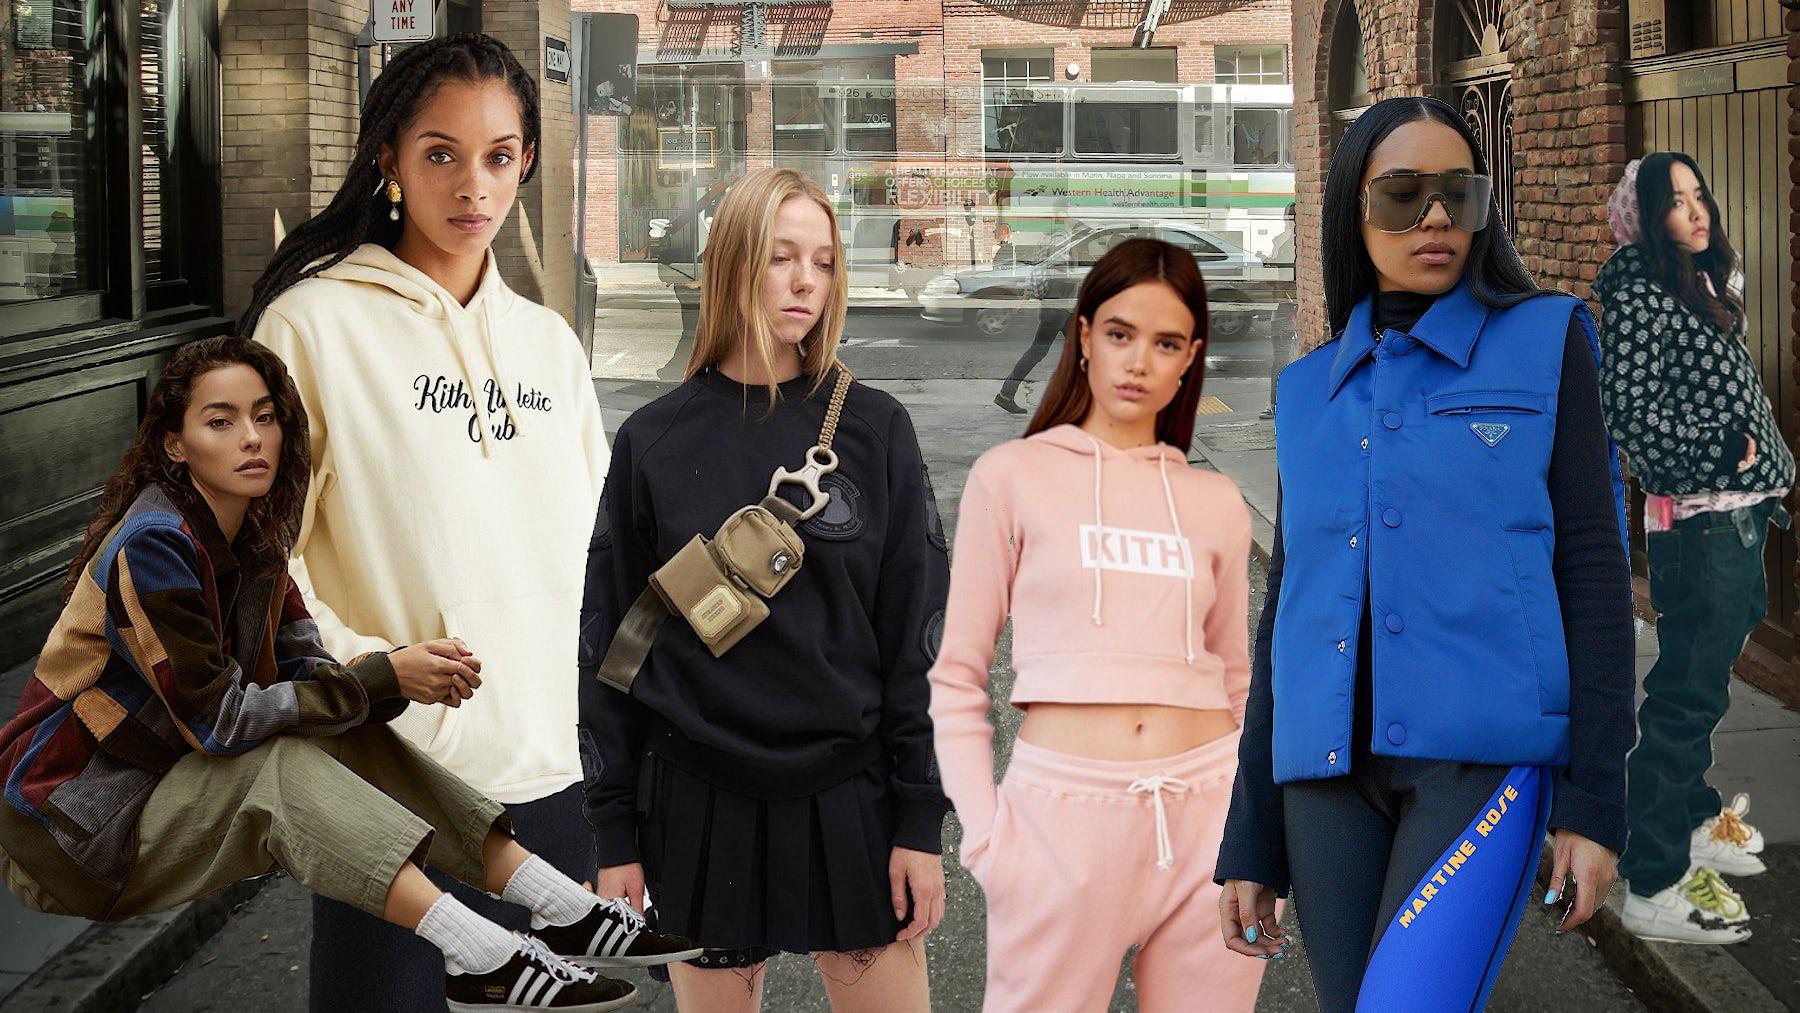 Op-Ed | Why Women's Streetwear Will Be Big Business